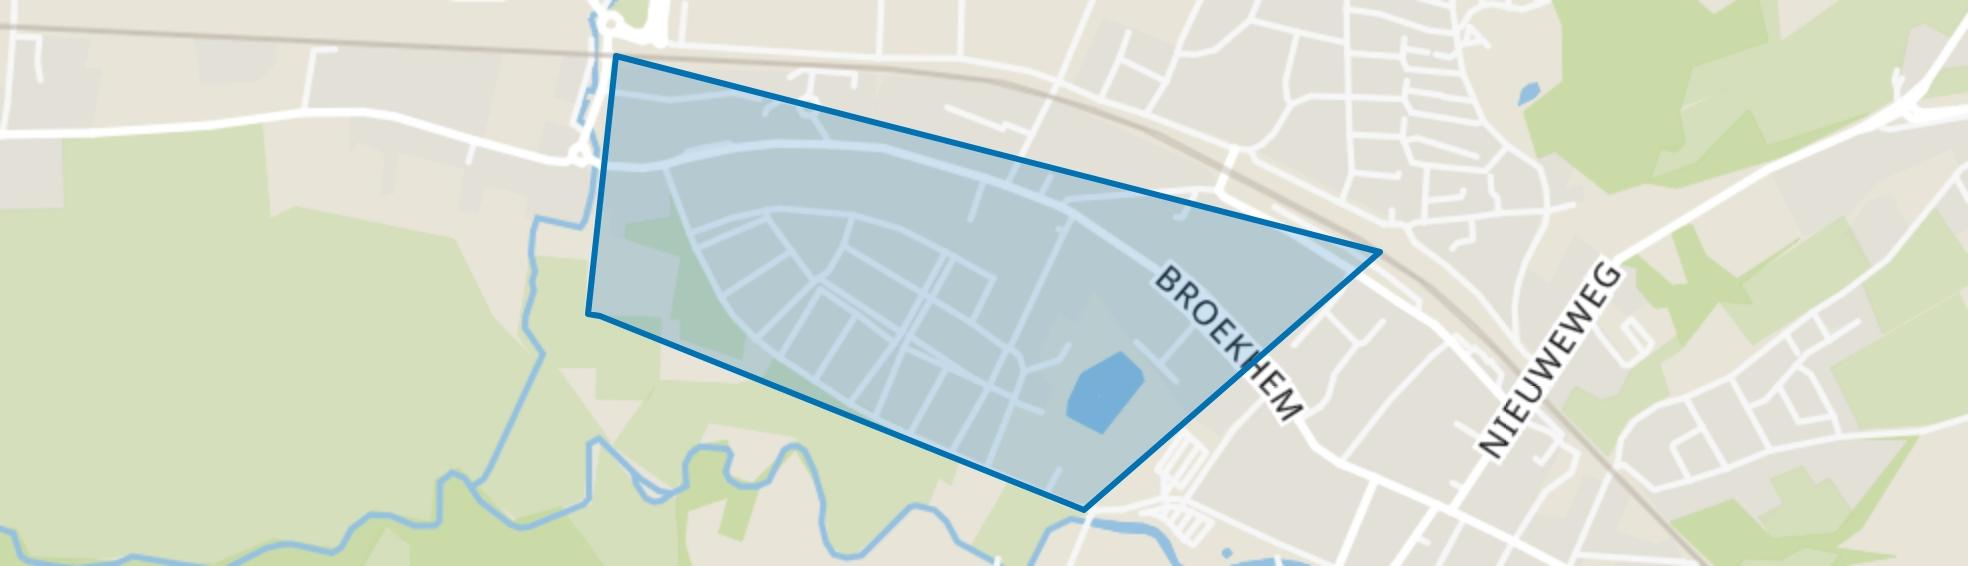 Broekhem Zuid, Valkenburg (LI) map